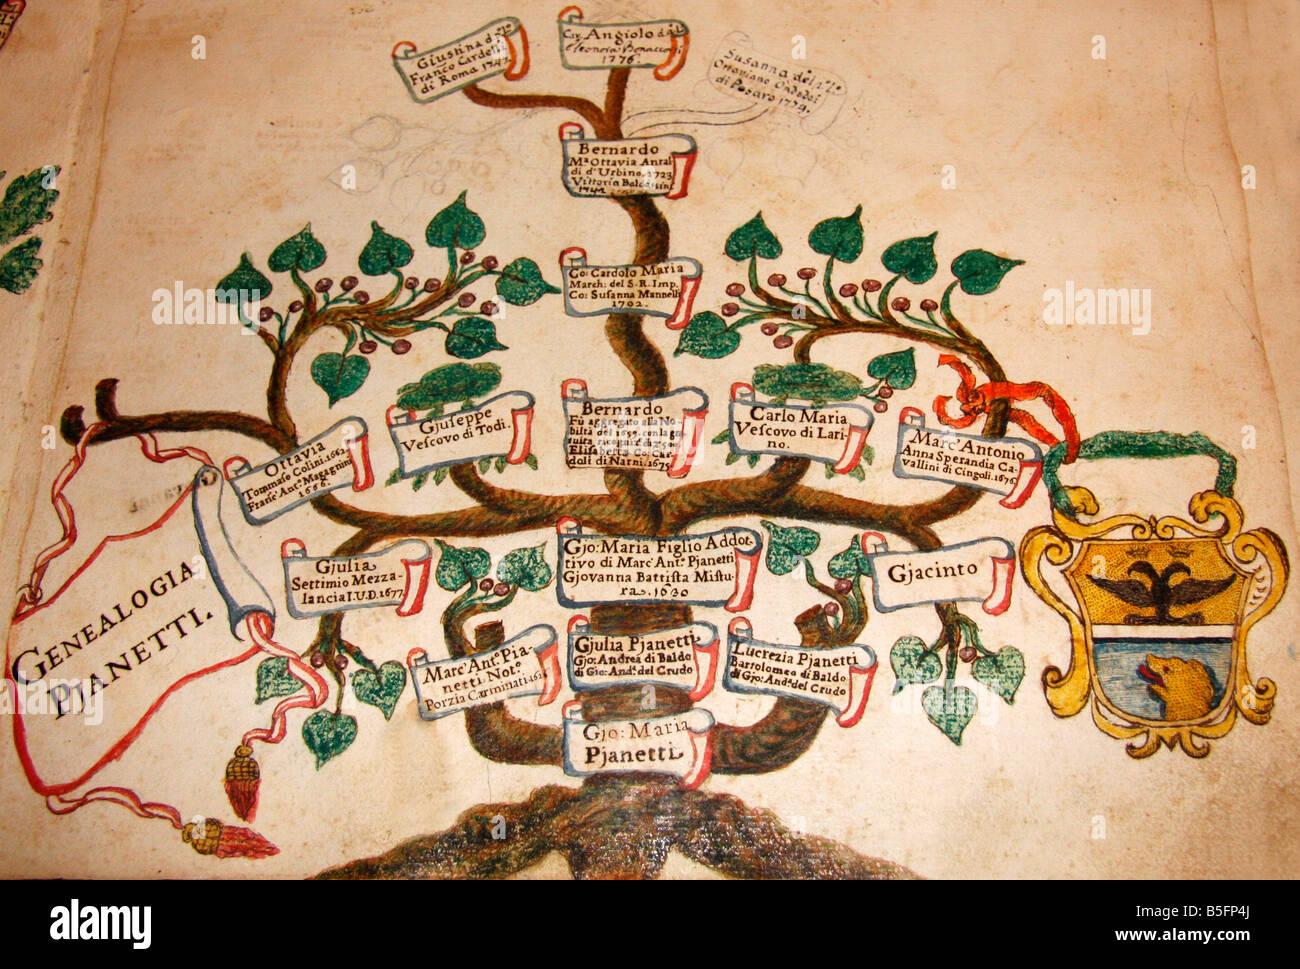 En la famosa biblioteca histórica en Jesi,Le Marche, Italia, el árbol genealógico de la familia Pianetti Imagen De Stock